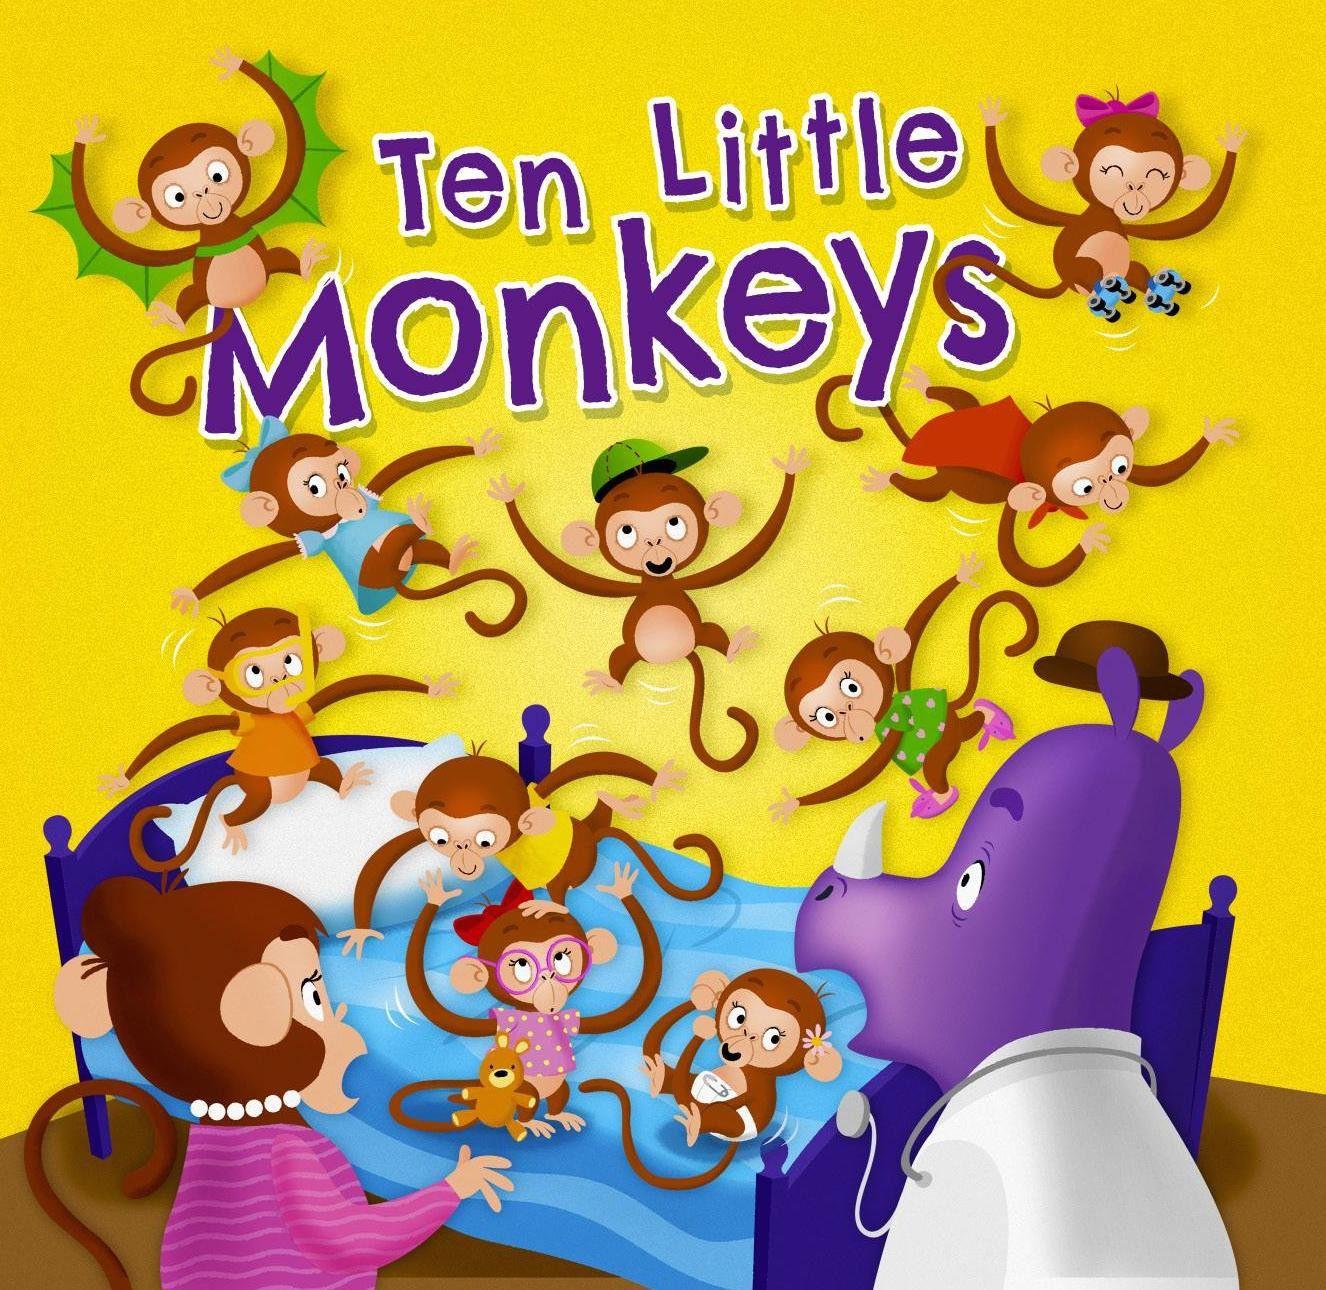 Nursery Rhyme Time Ten Little Monkeys